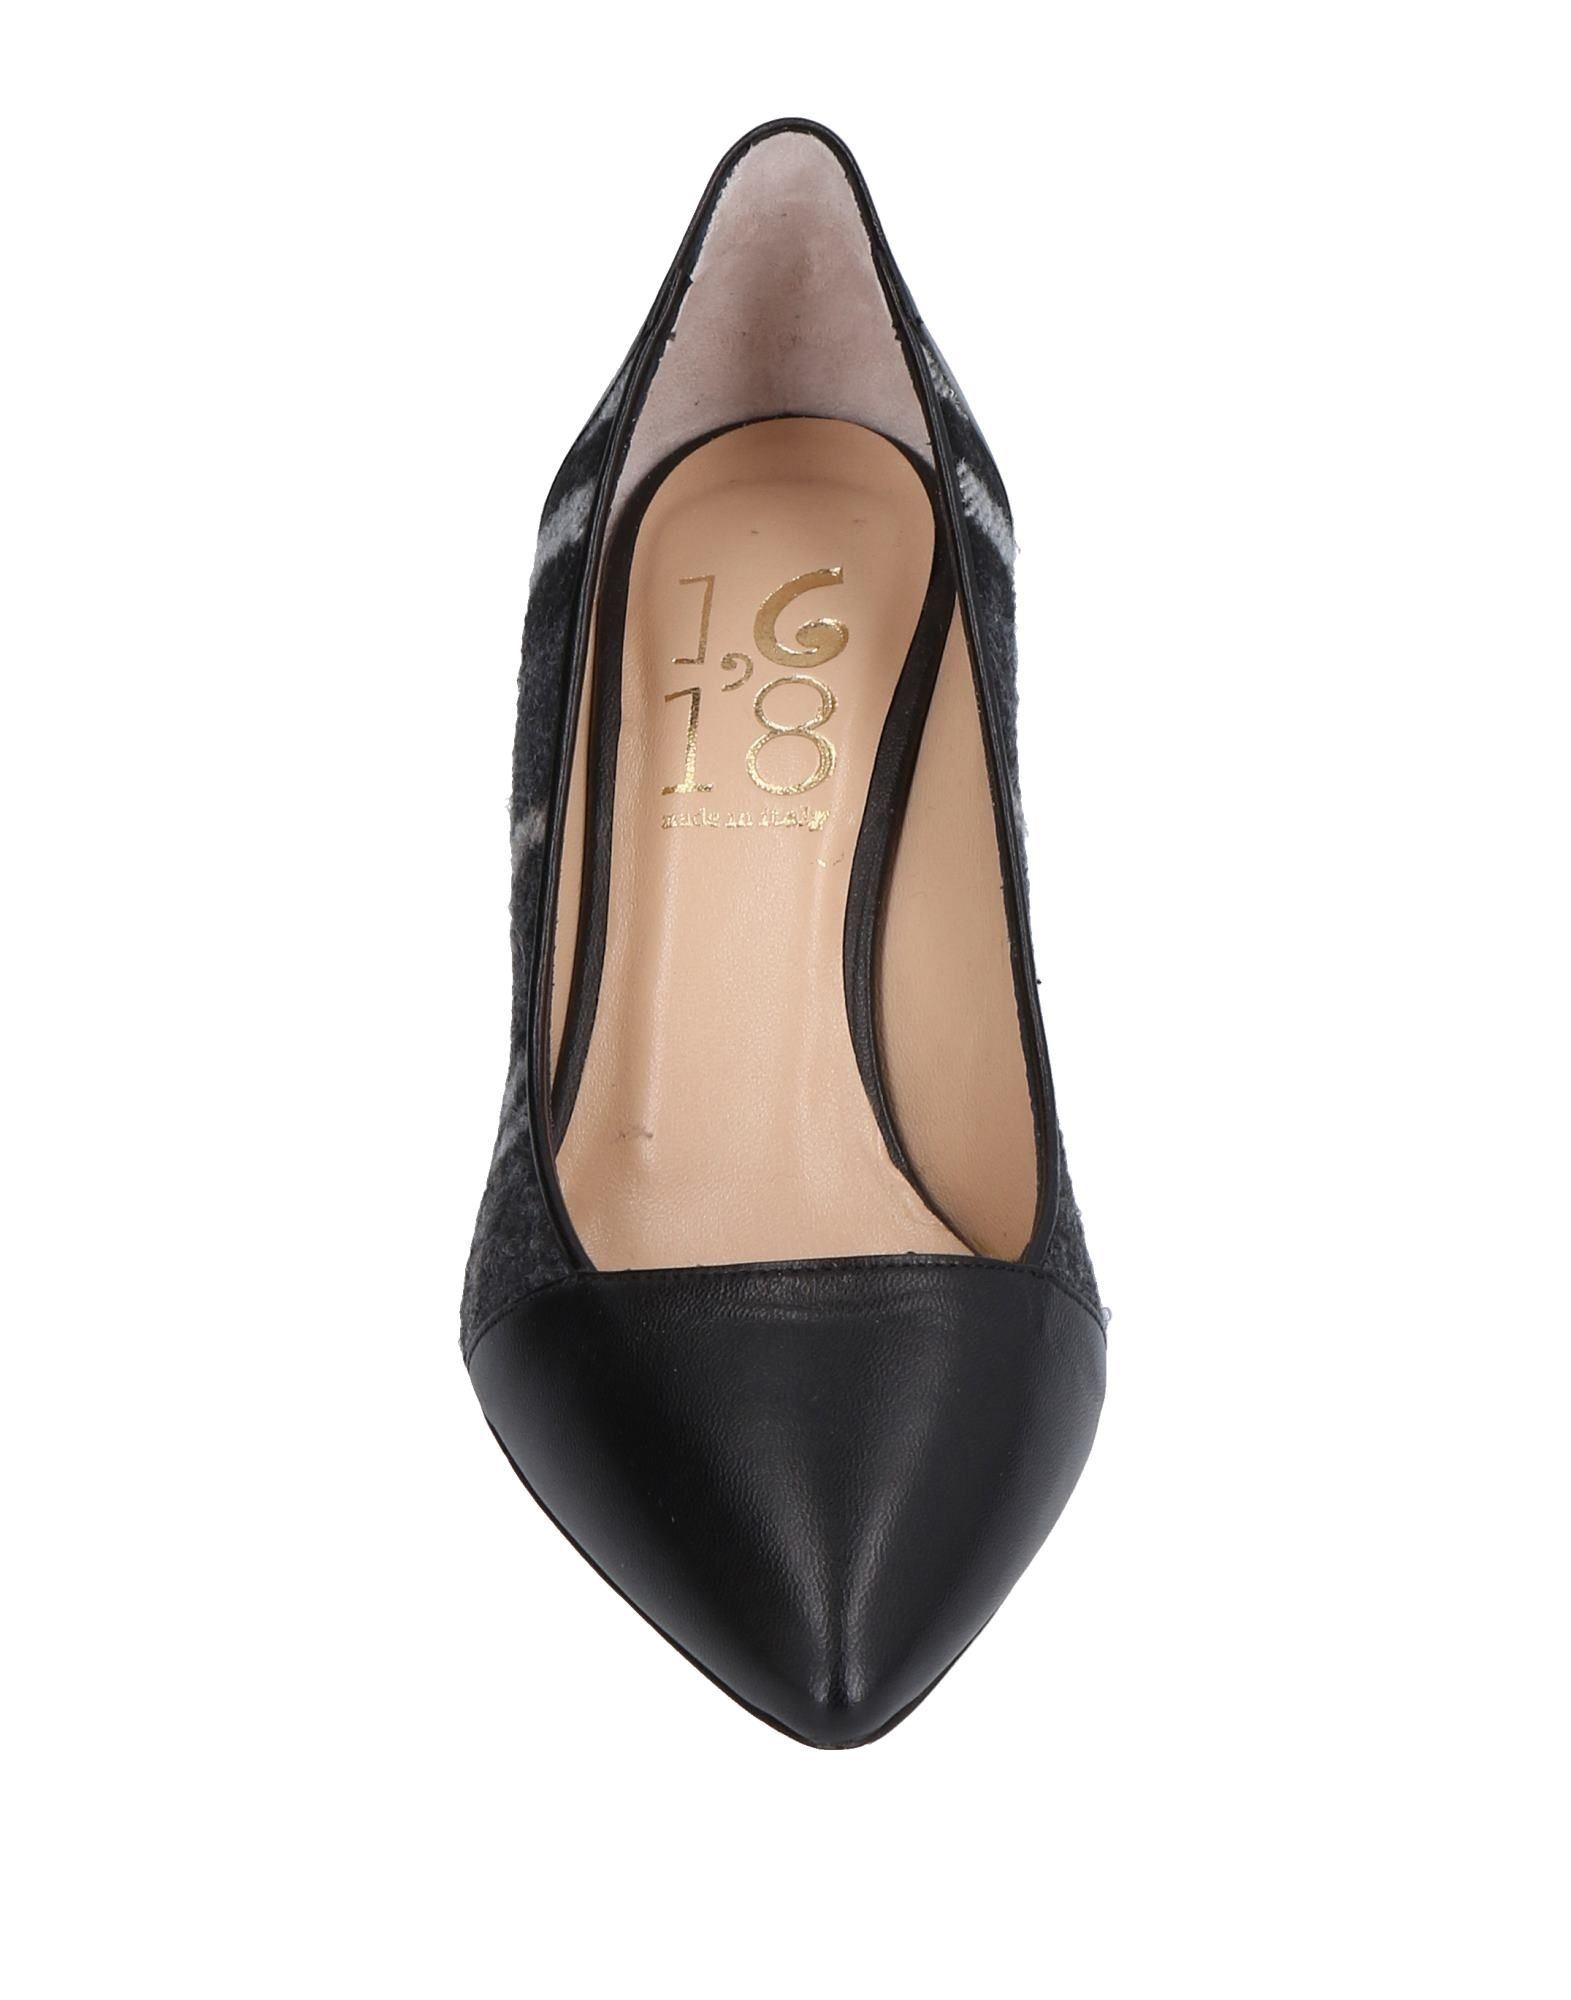 1,618 Pumps Damen  11502174OI Gute Qualität beliebte Schuhe